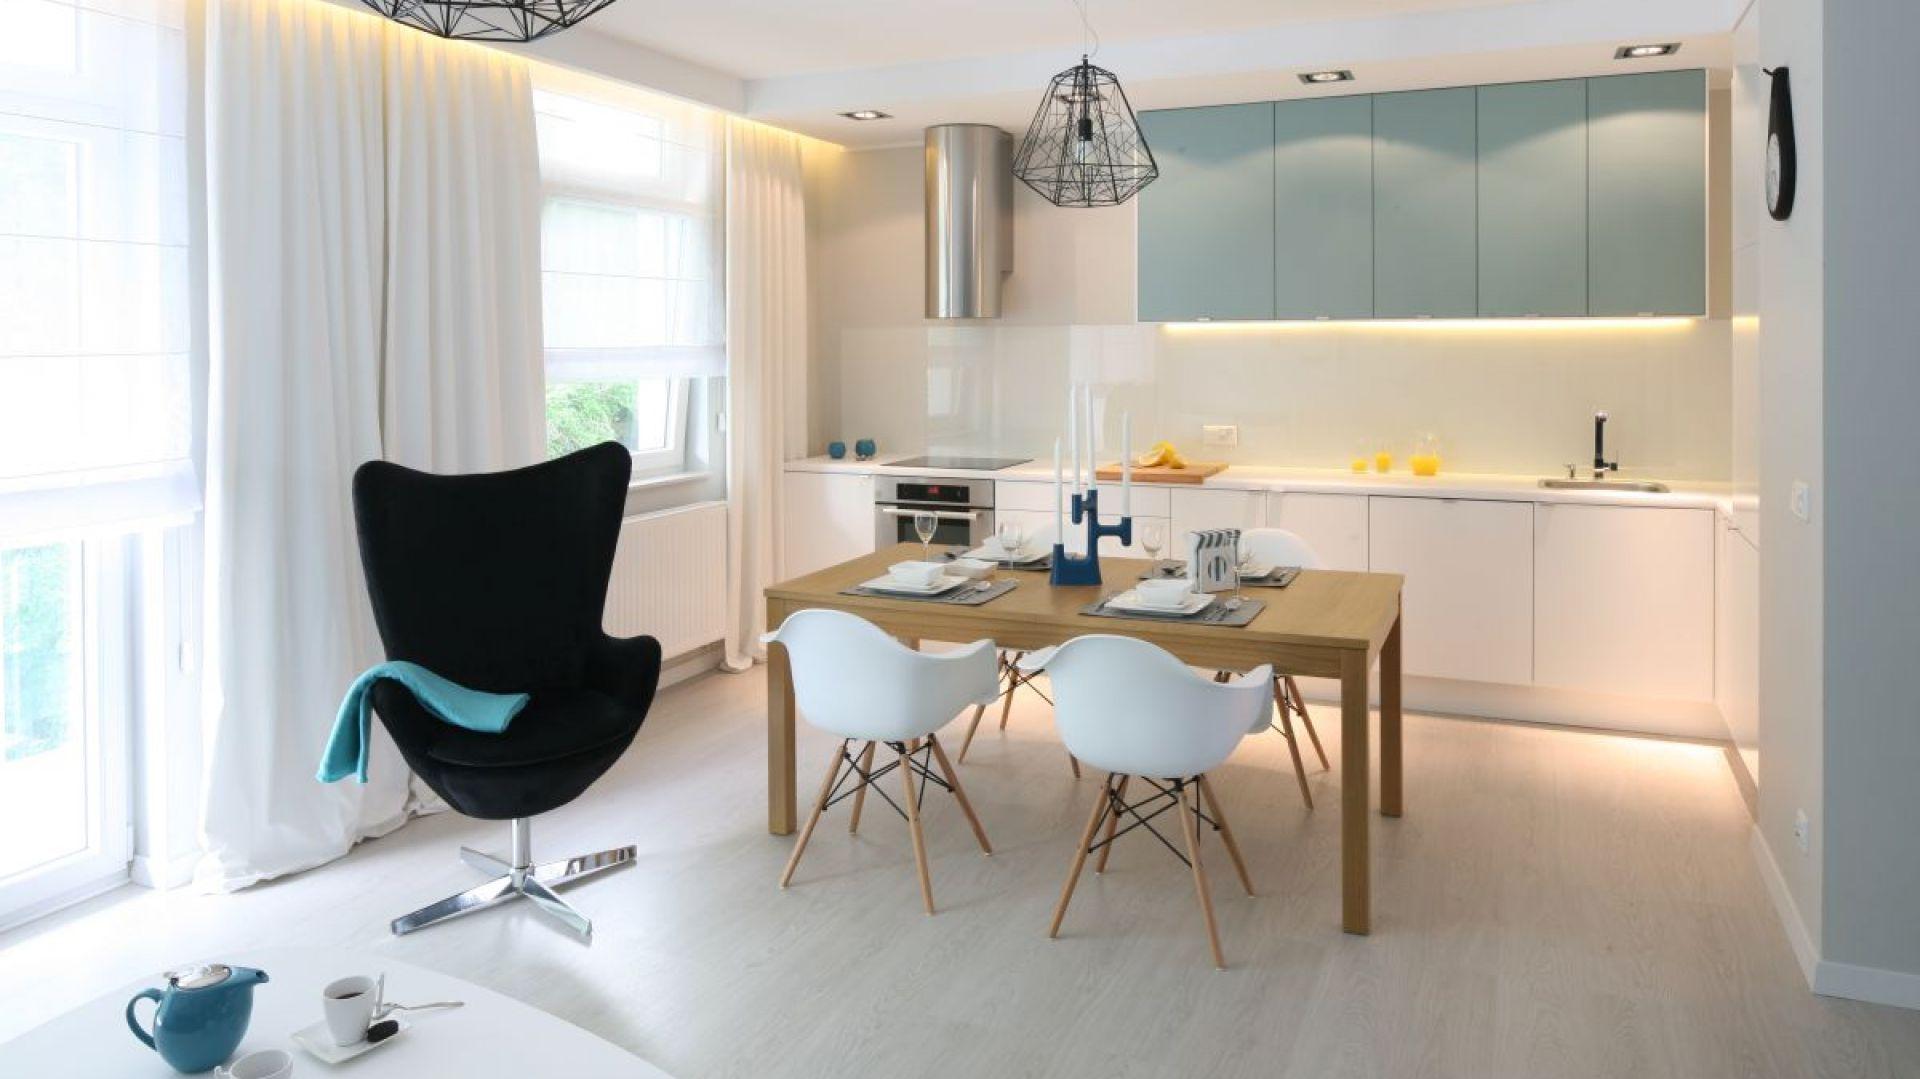 Salon z kuchnią i jadalnią. 30 pięknych wnętrz polskich domów. Projekt: Anna Maria Sokołowska. Fot. Bartosz Jarosz